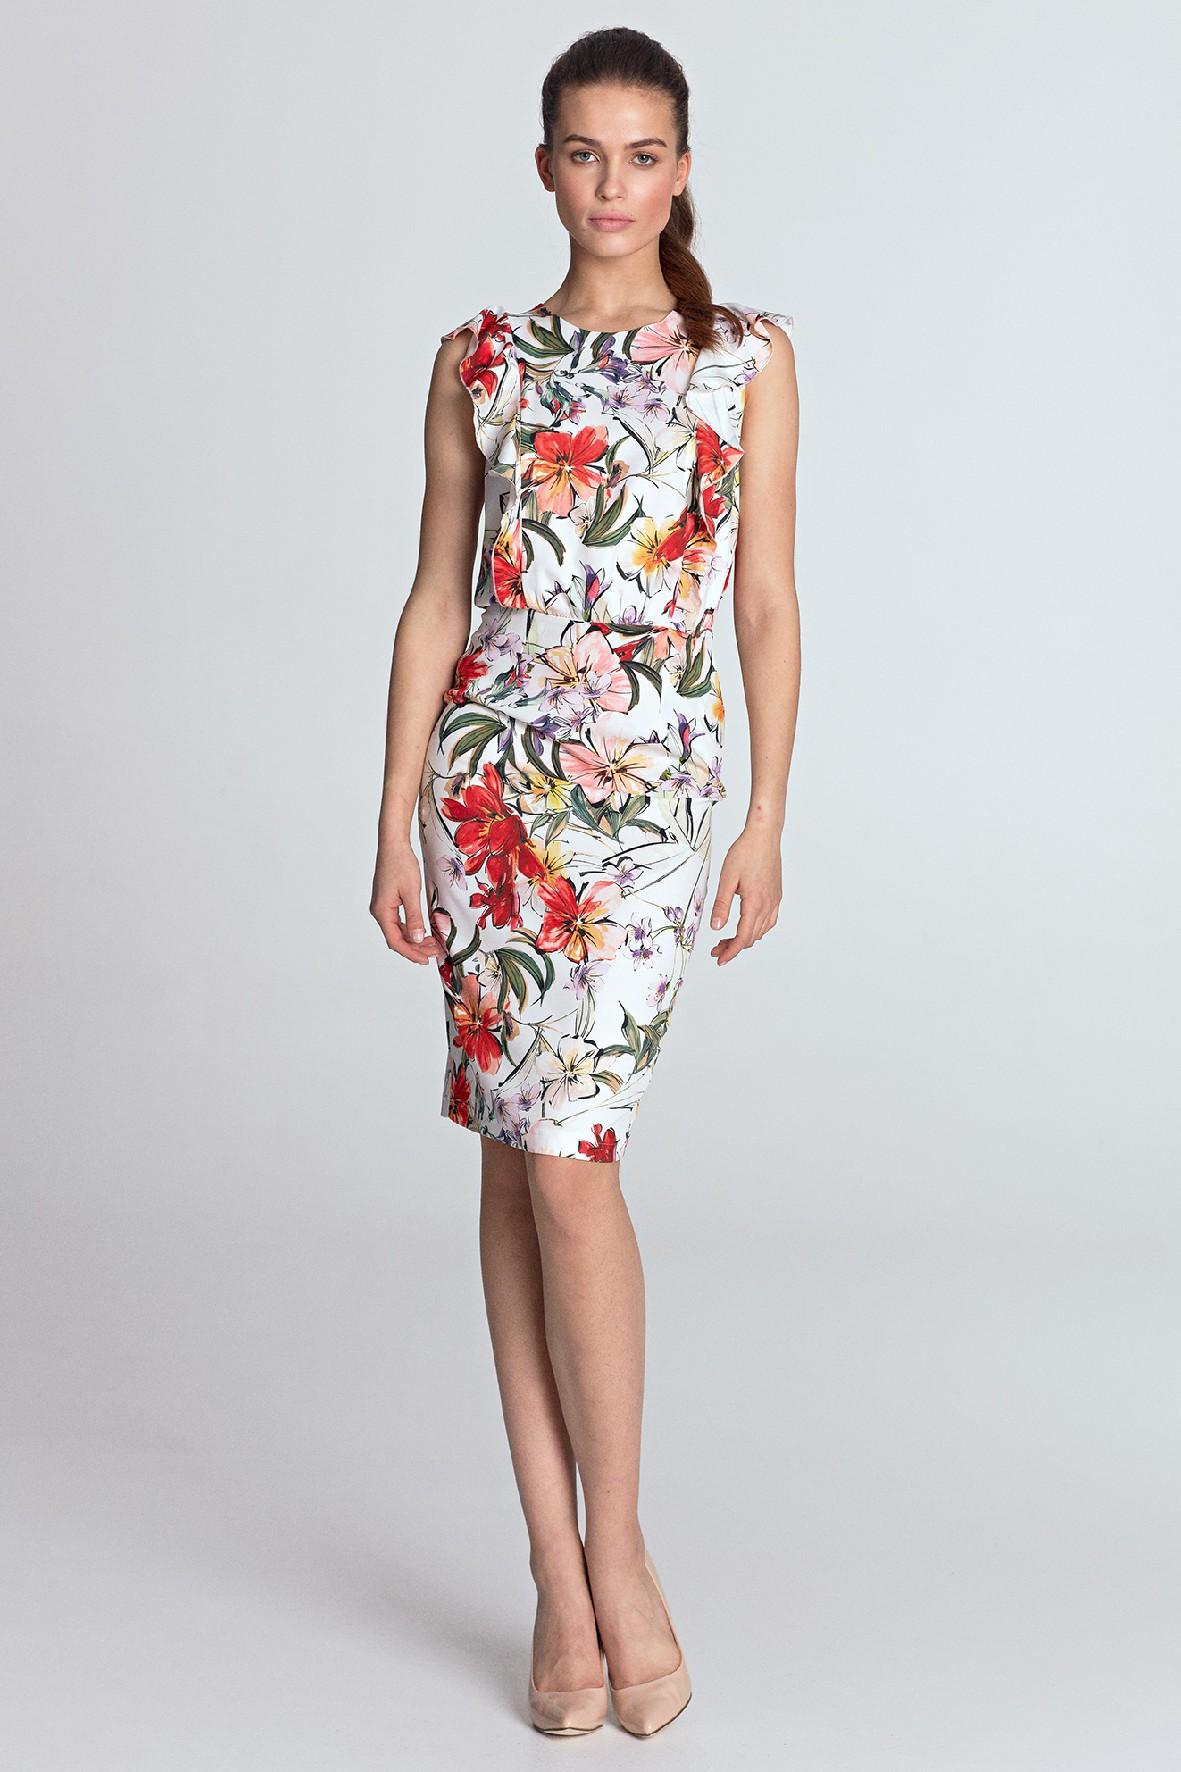 Letnia jasna sukienka damska w kwiaty- mini